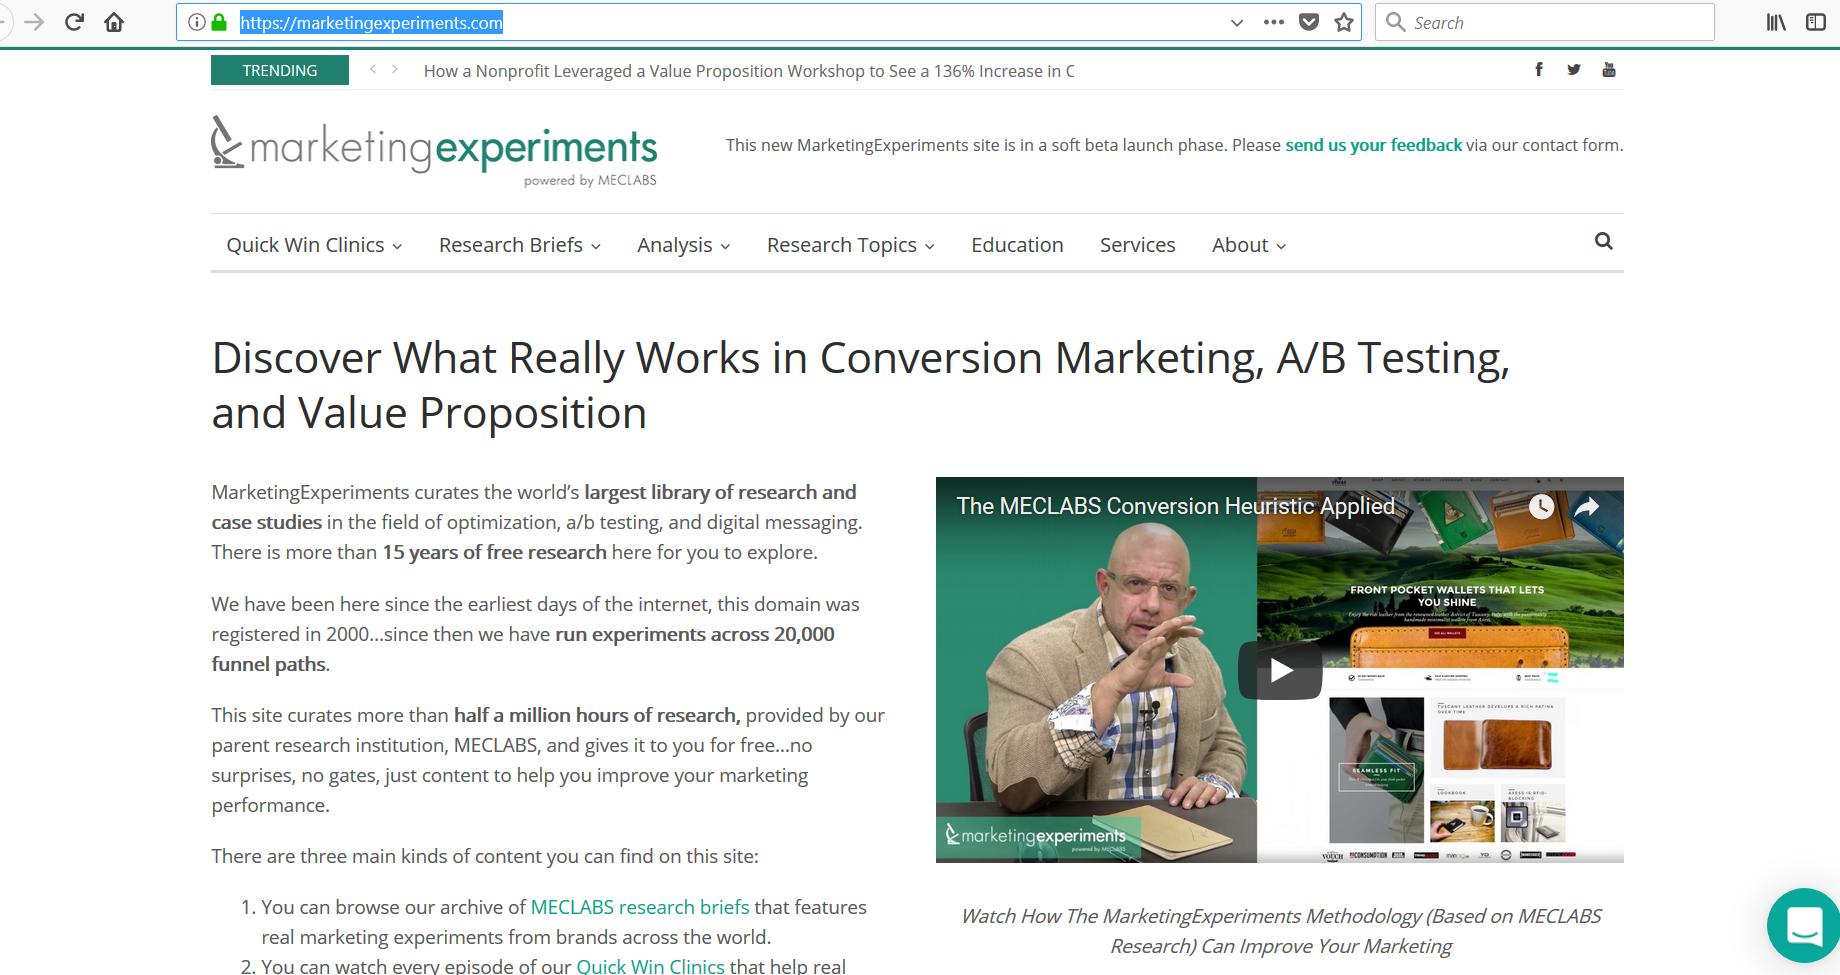 معرفی سایت برای مطالعات بازاریابی